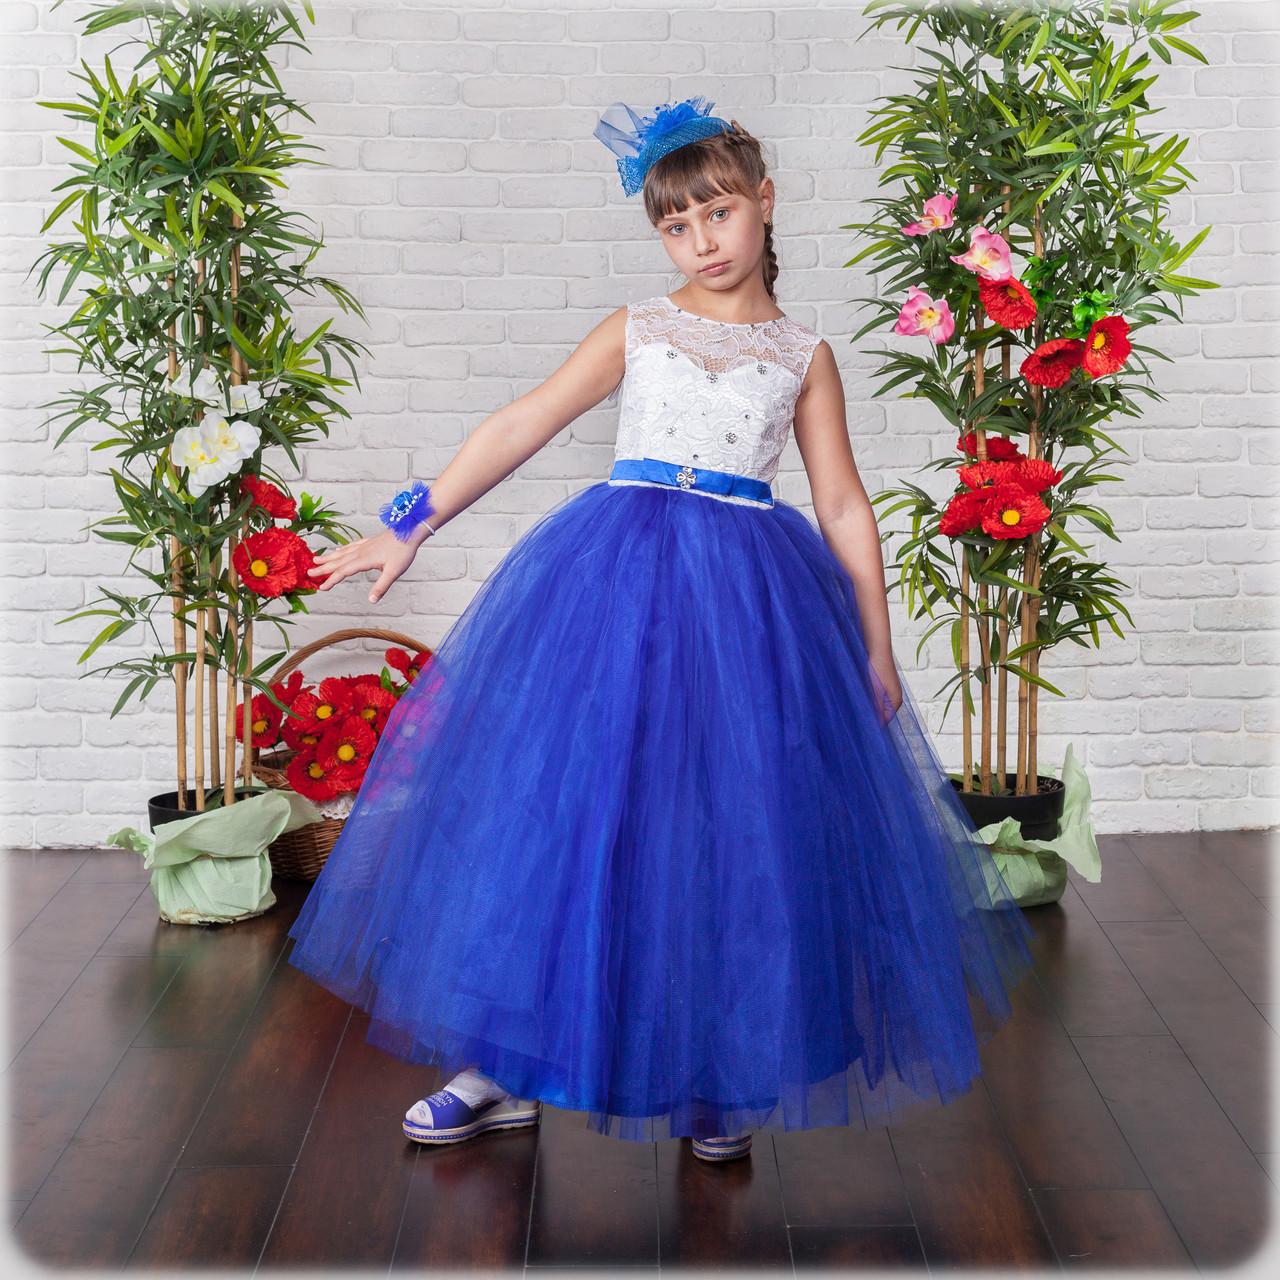 Пышное бальное платье с синей фатиновой юбкой на выпускной вечер 6-10 лет